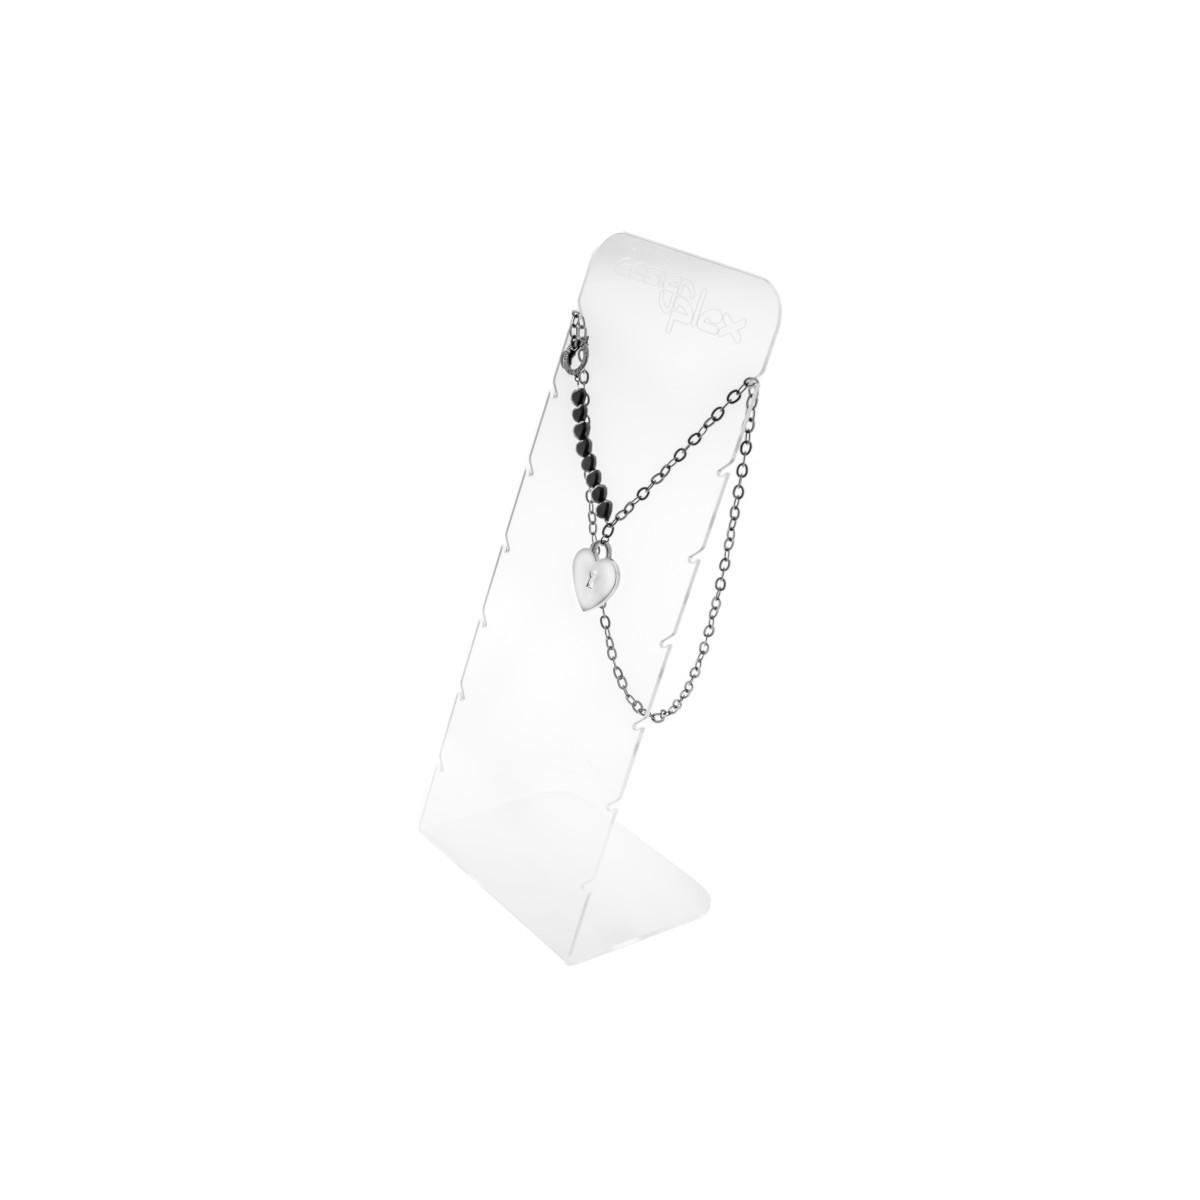 Présentoir de comptoir en acrylique pour les chaines - Dimensions: 14x10x H34 cm